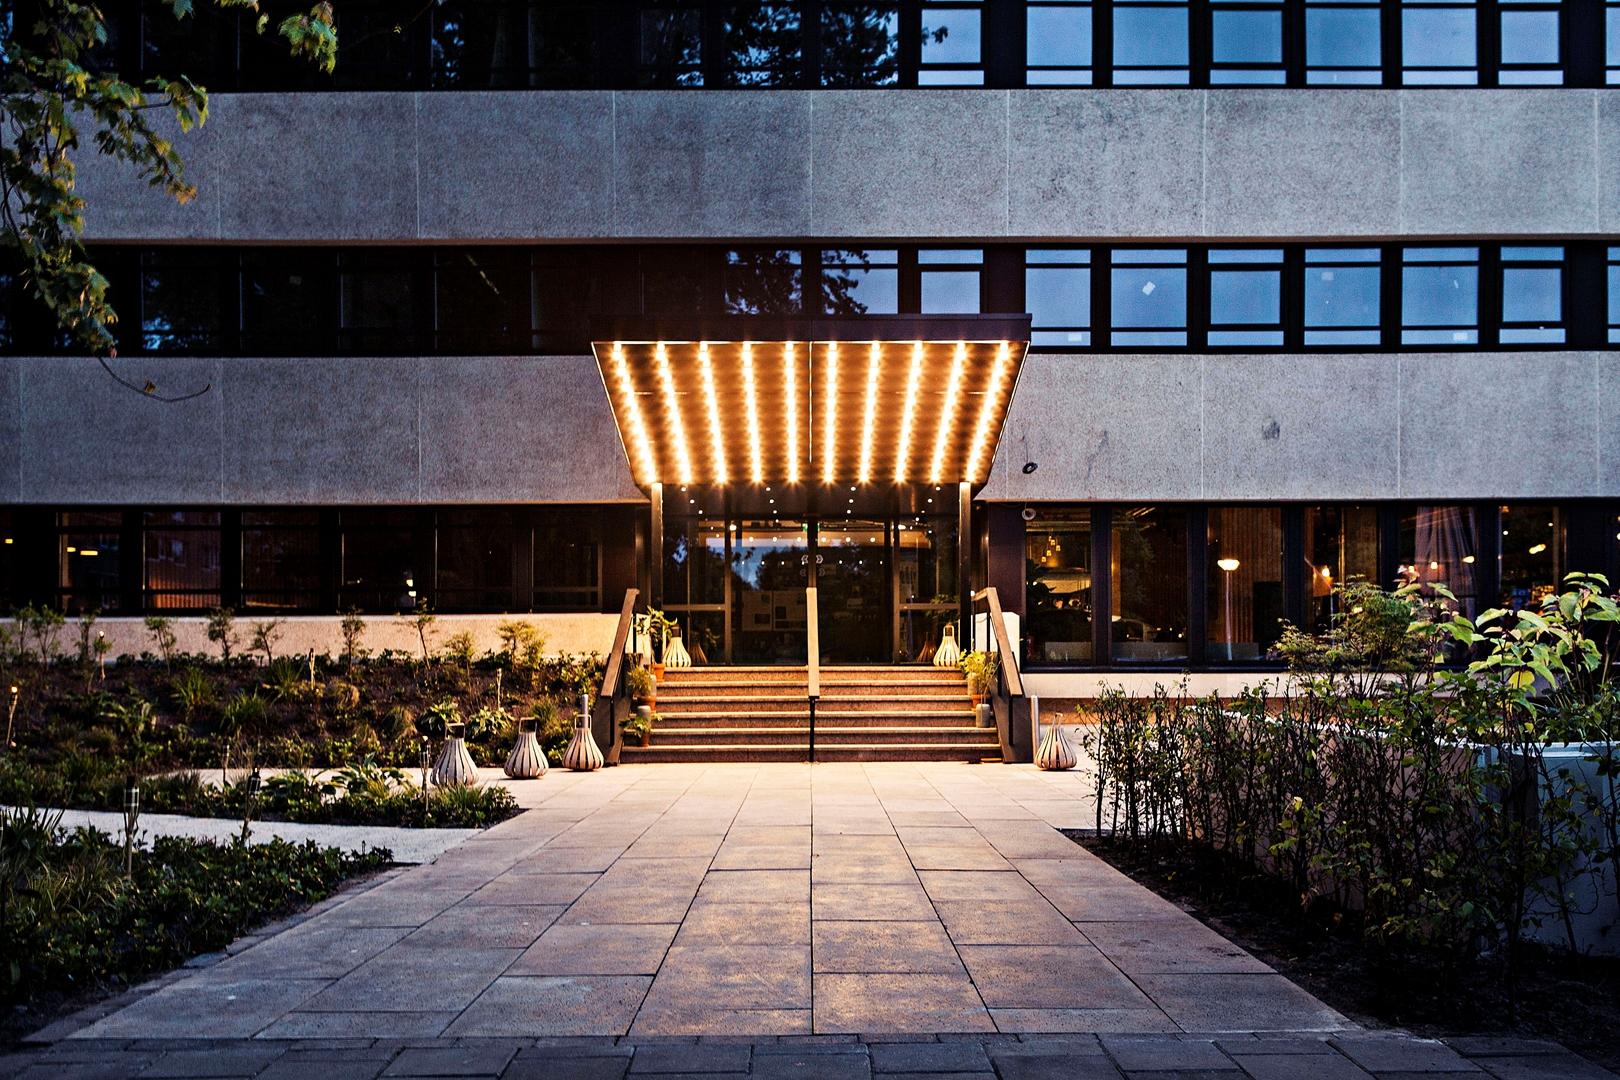 Hotel V Fizeaustraat (1) (Copy)